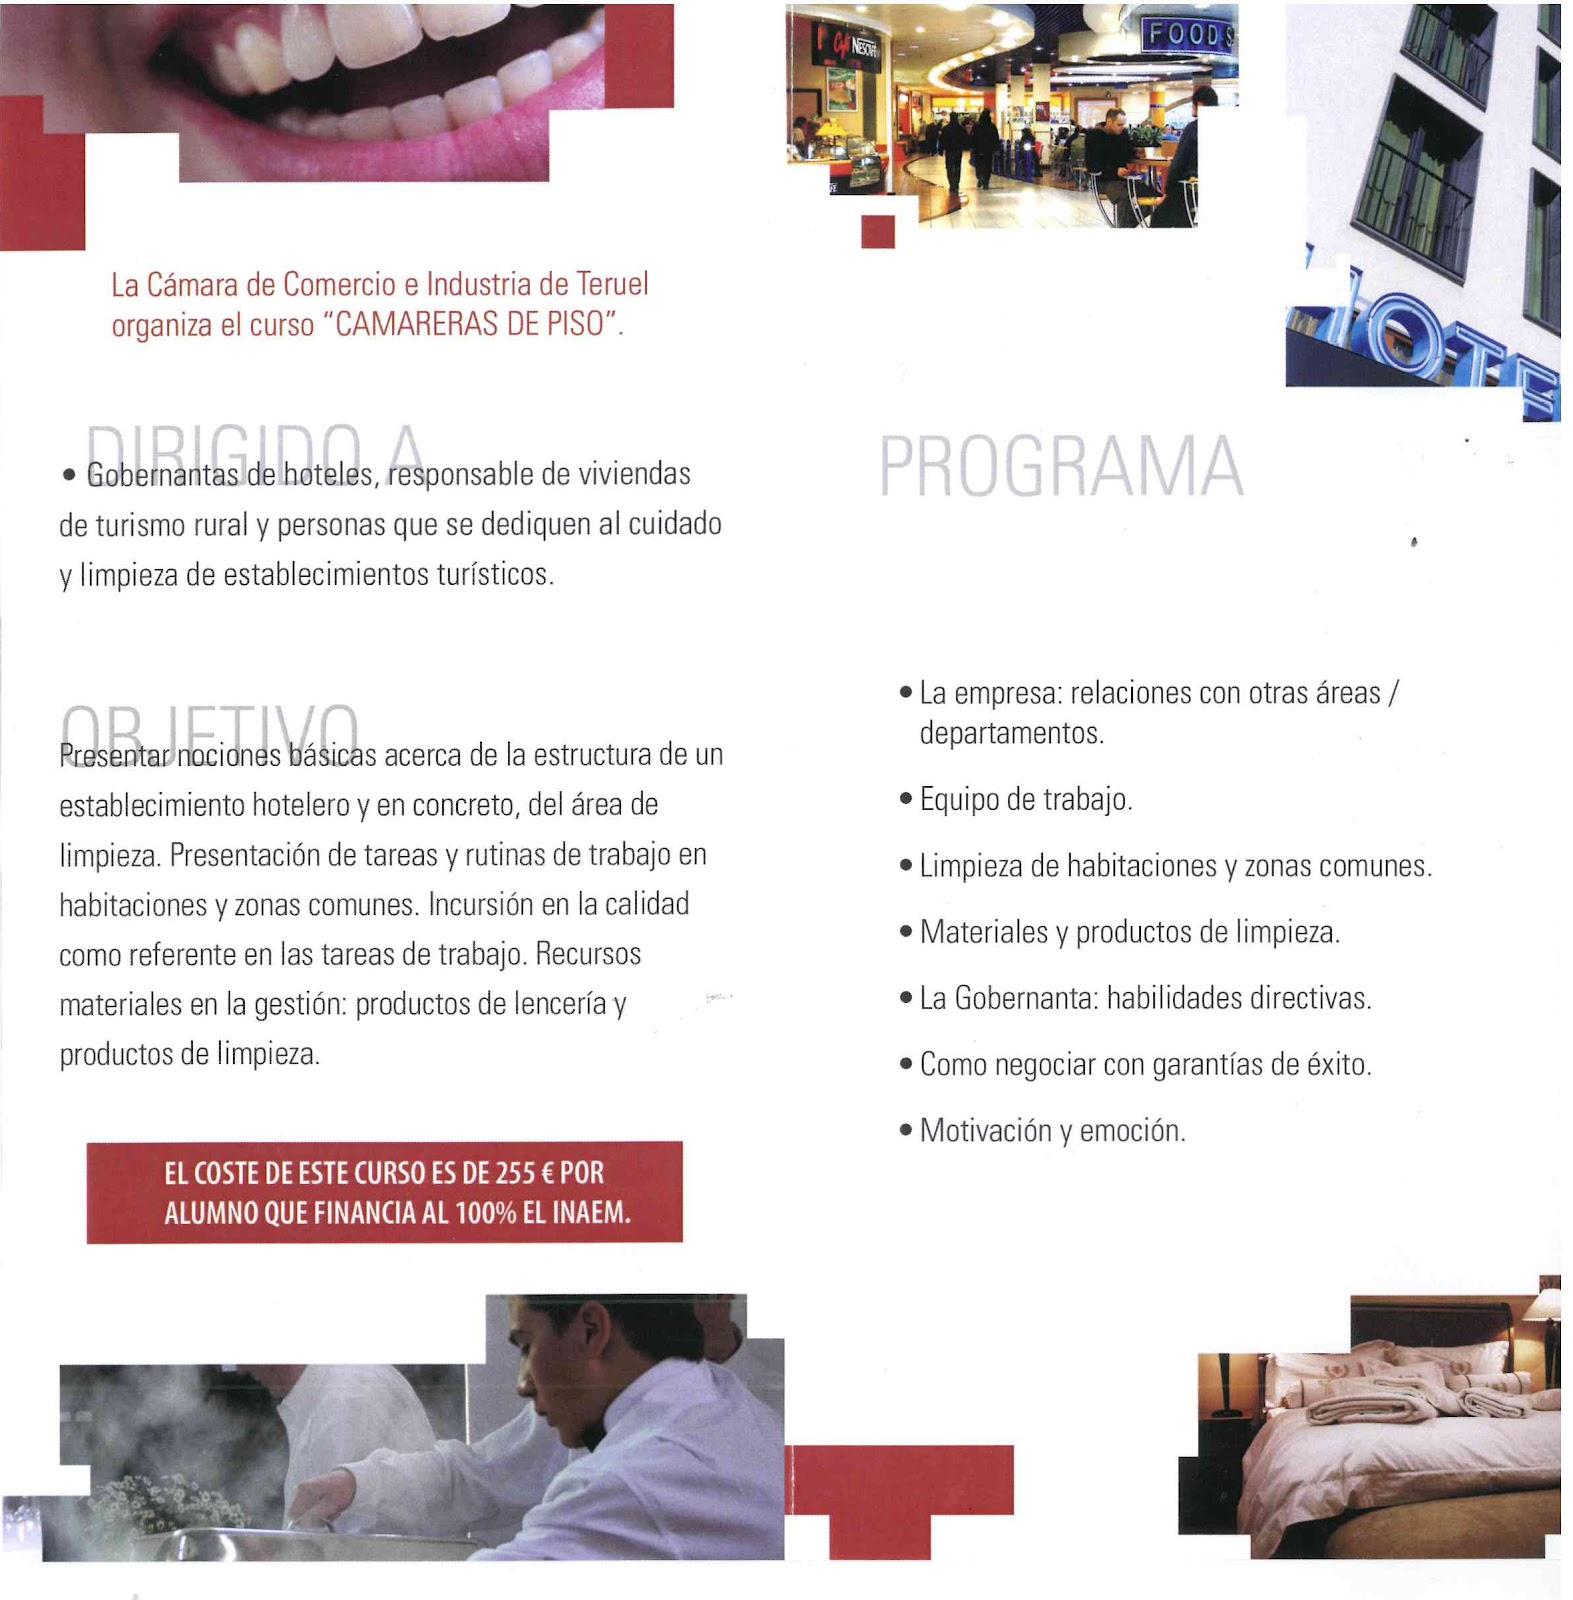 Curso de camarera de pisos en cantavieja - Camarera de pisos curso gratuito ...